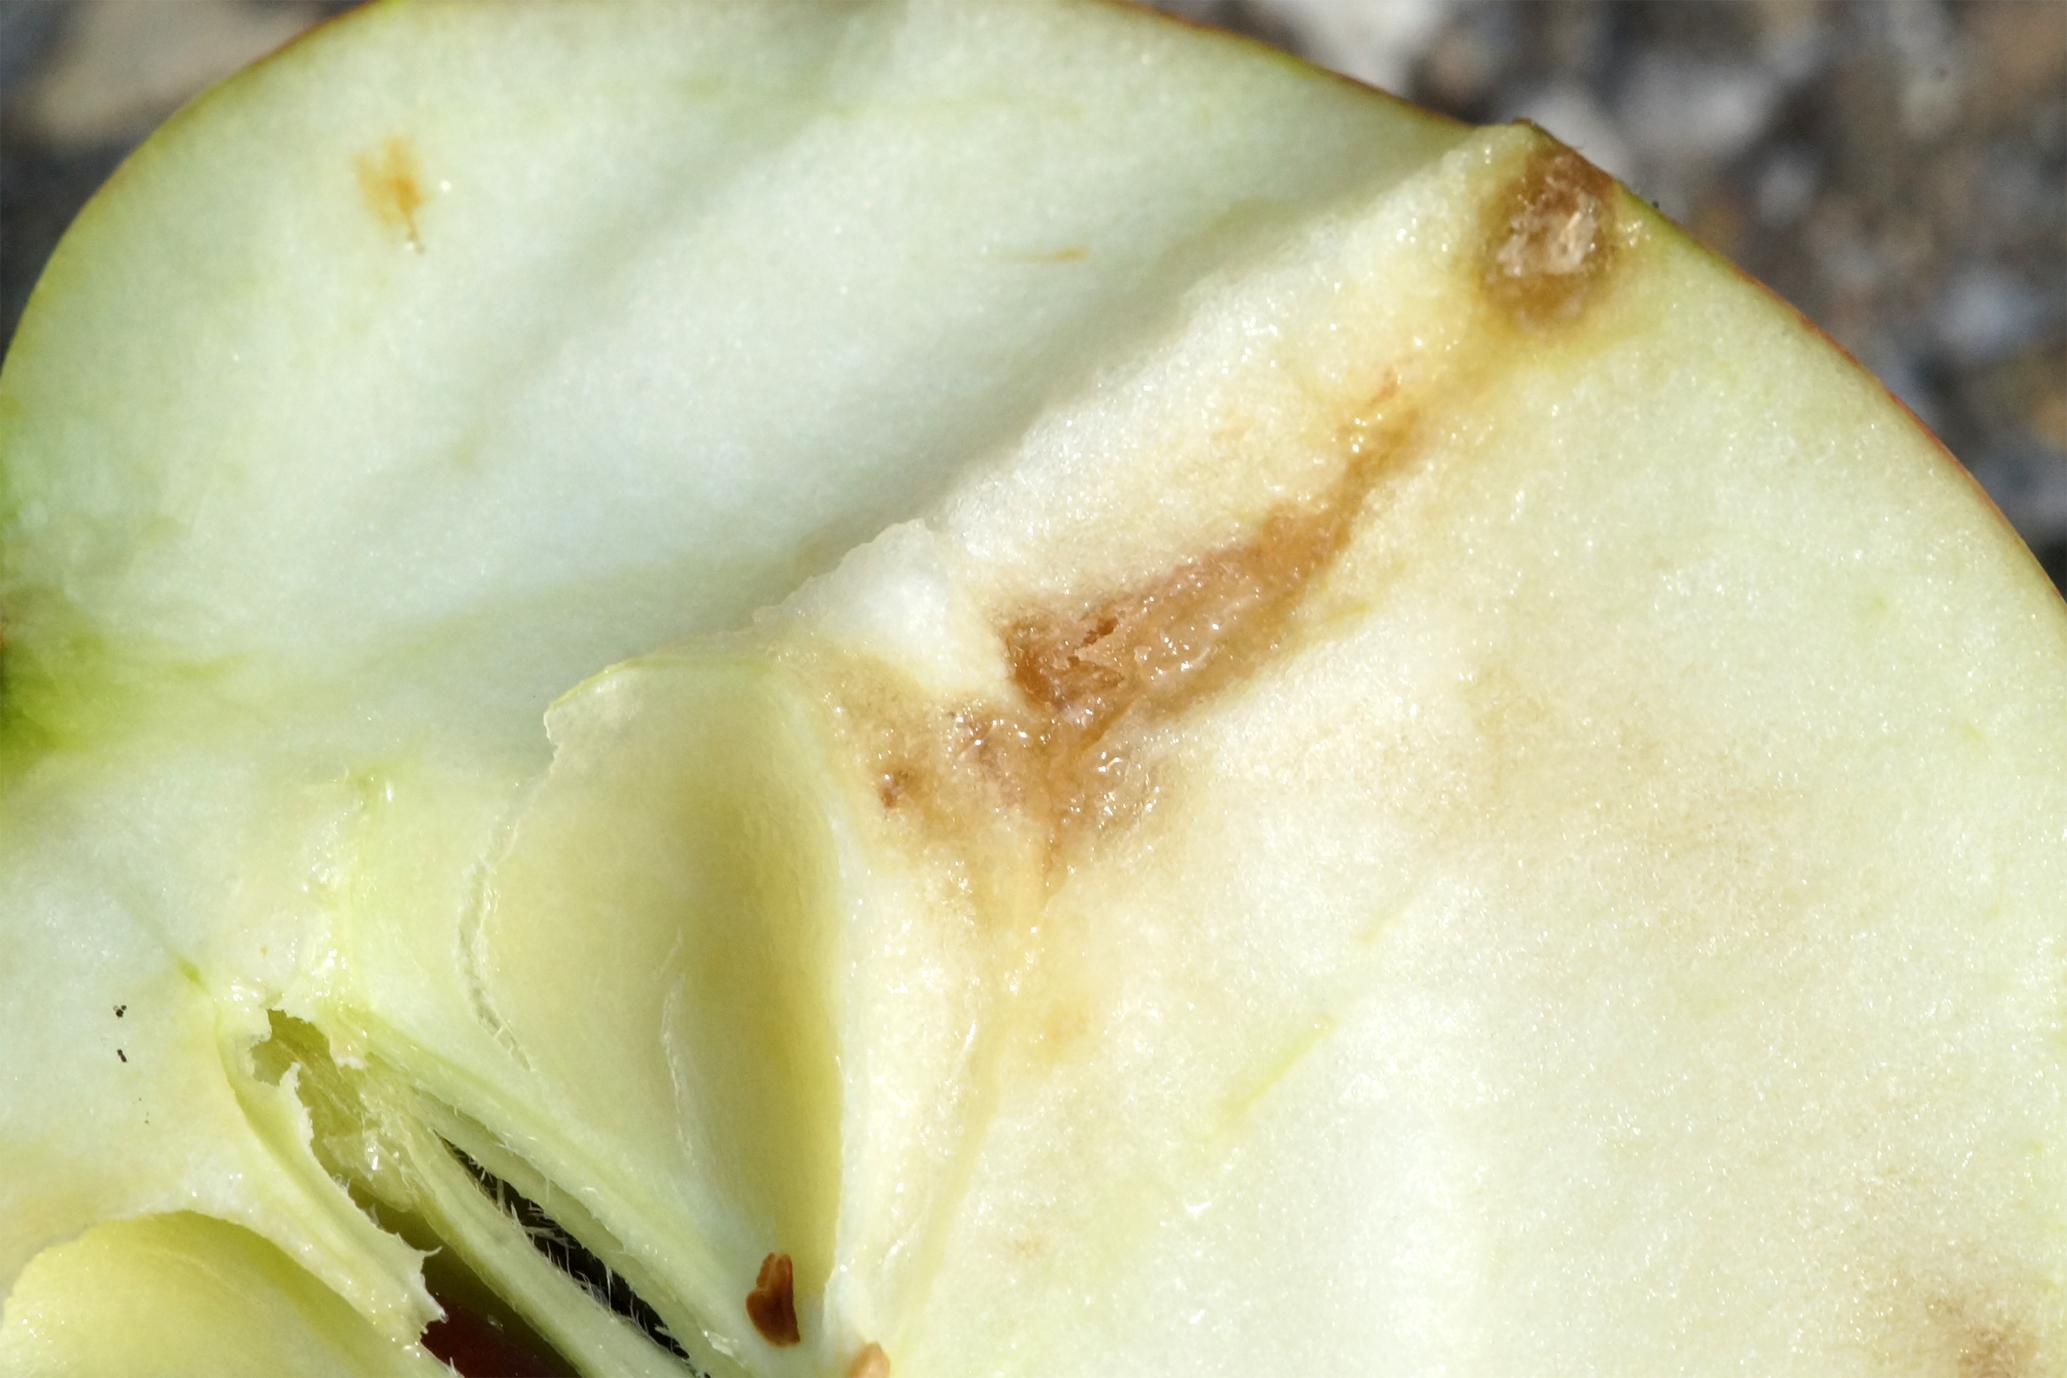 Fruchtfleischverfärbung um den Gang einer Larve der Mittelmeerfruchtfliege in Apfel